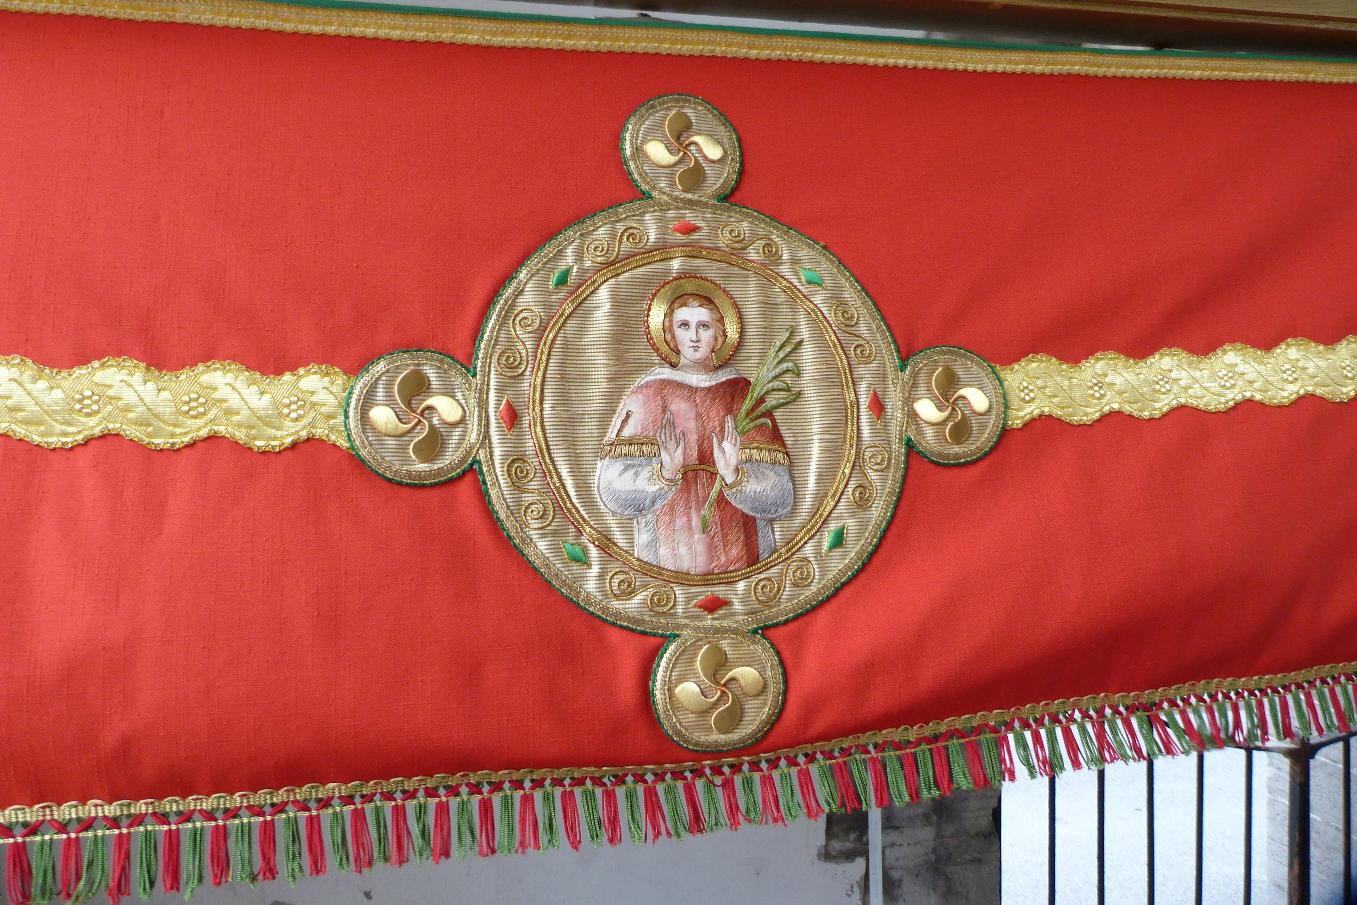 Le diacre saint Vincent, Bixintxo, commun aux églises de Ciboure et d'Hendaye